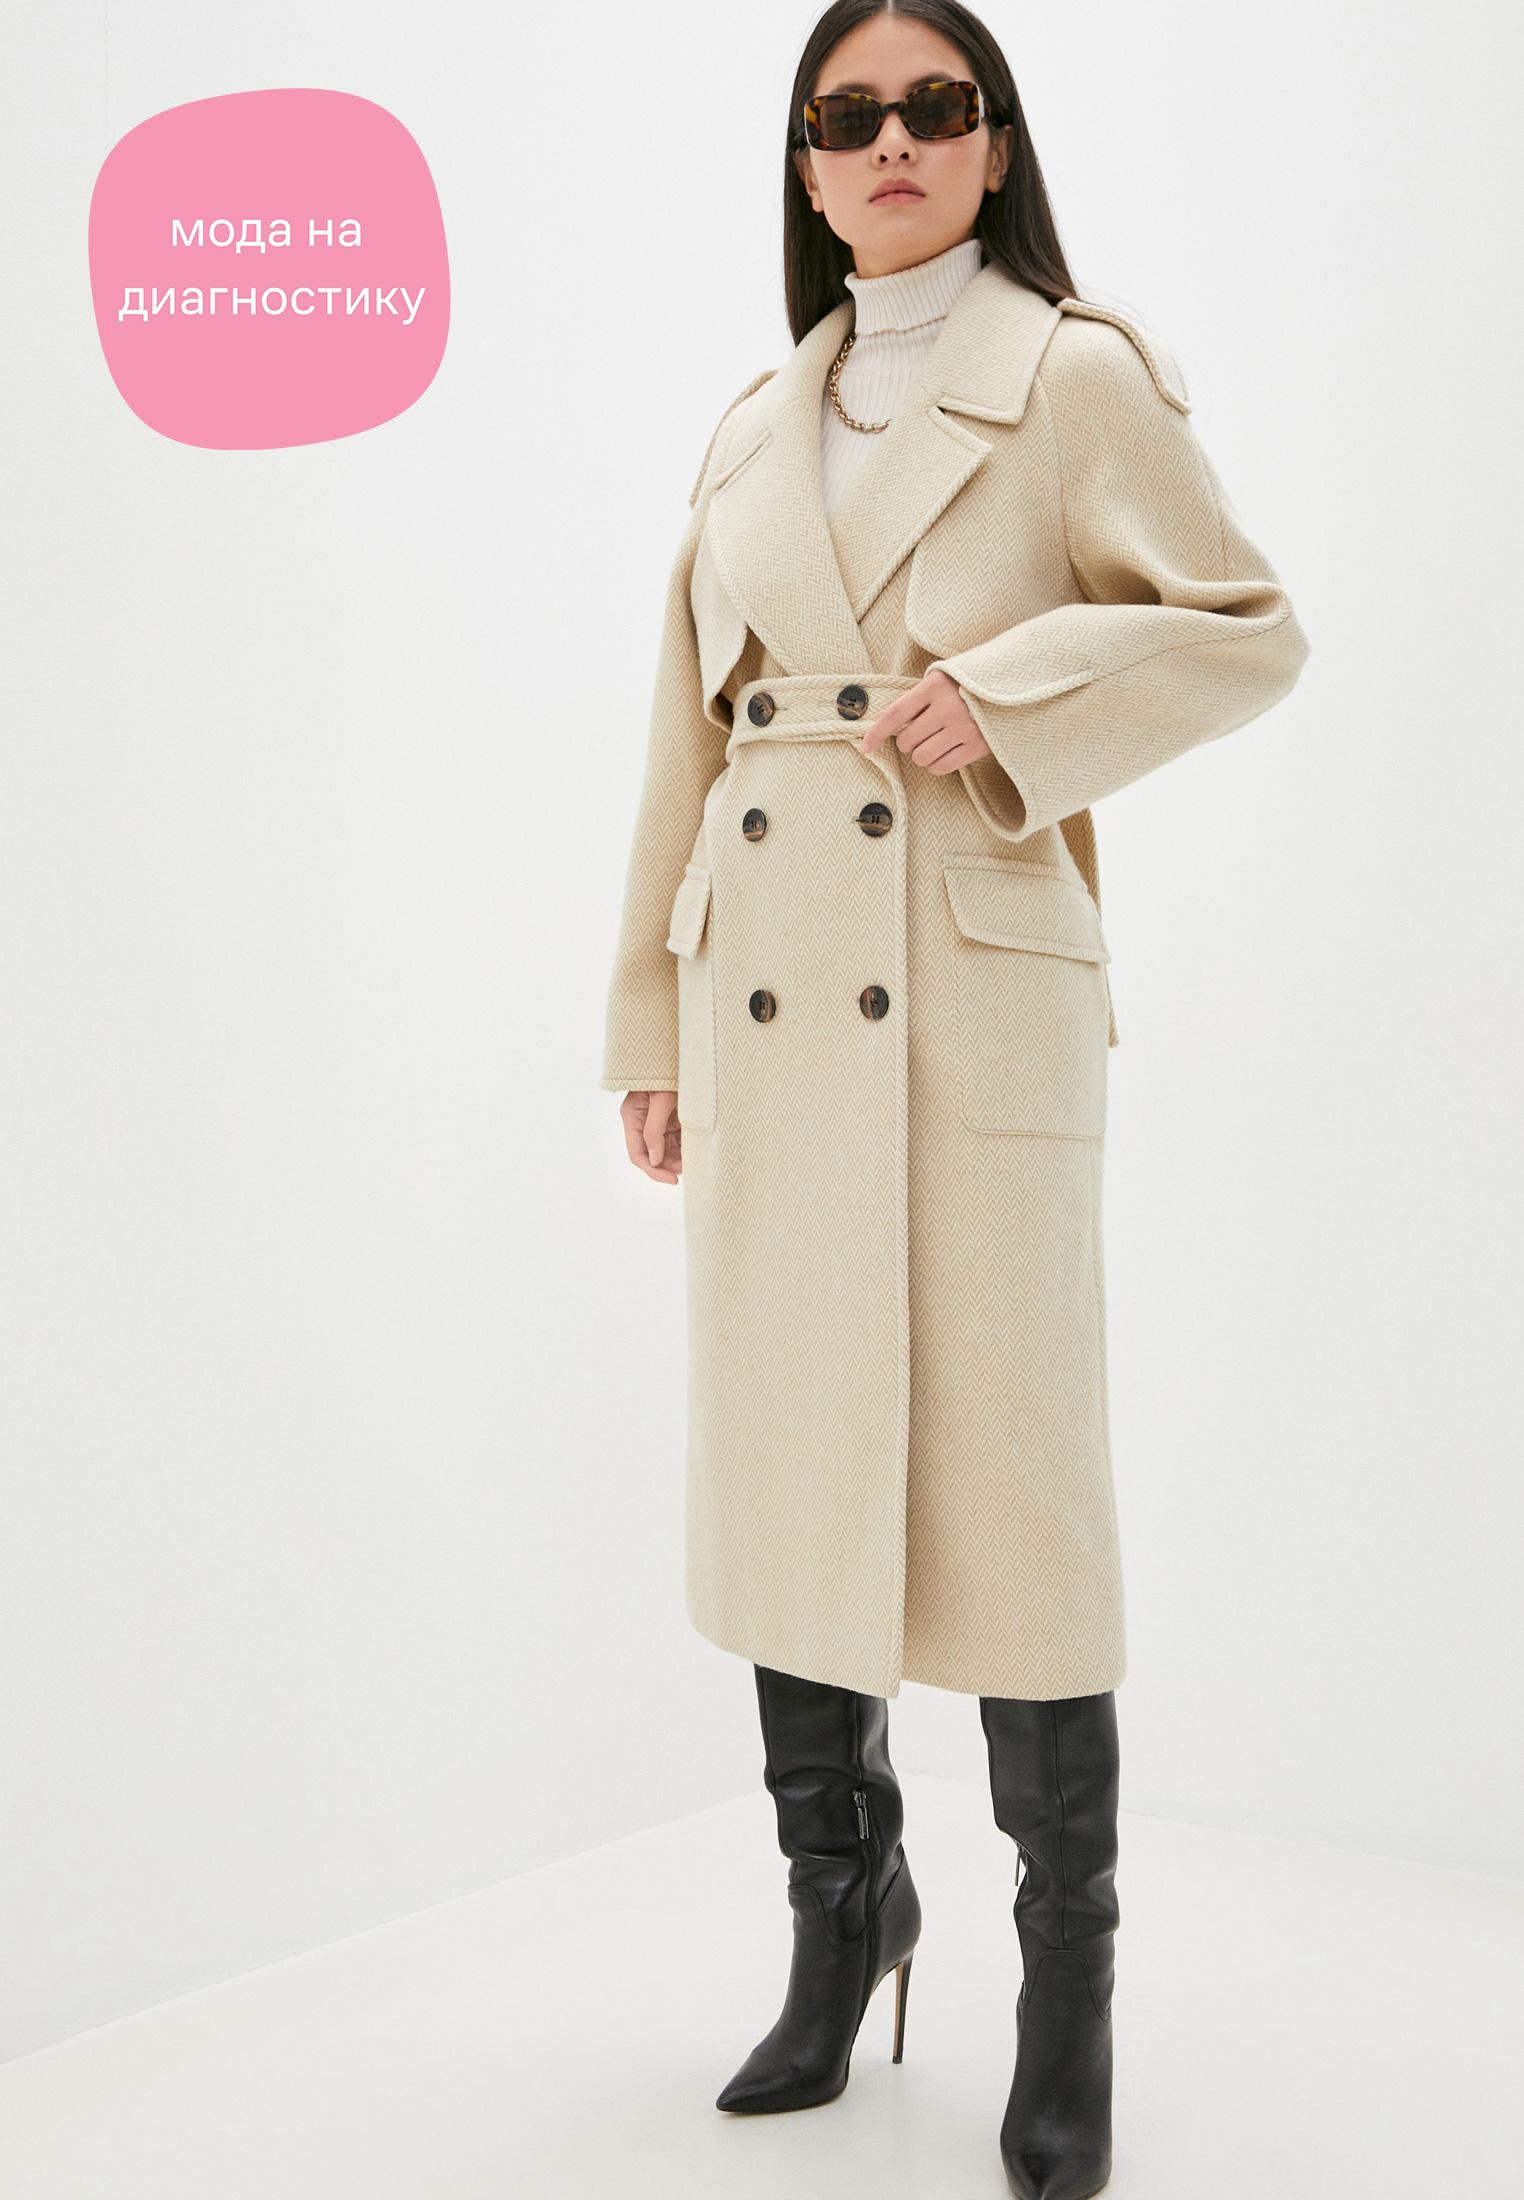 Пальто I Am Studio купить за 29 800 ₽ в интернет-магазине Lamoda.ru